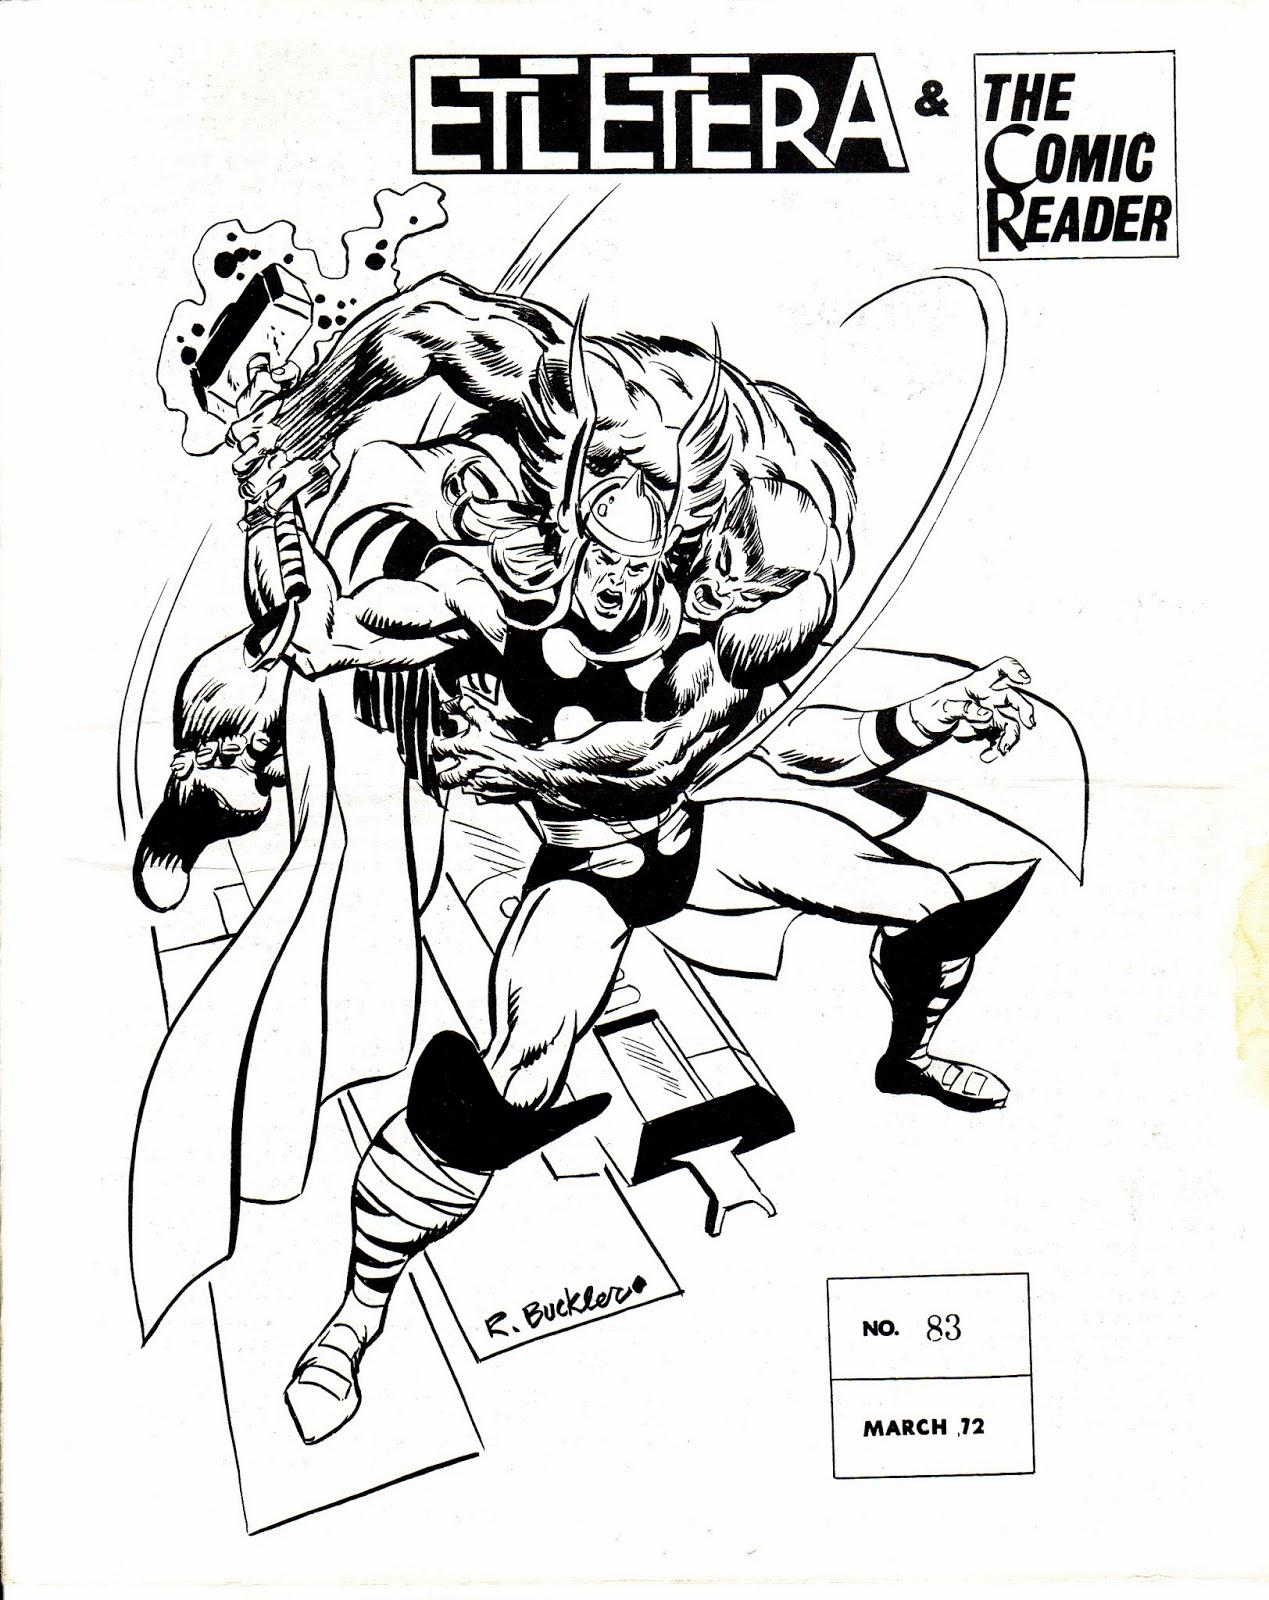 Marvel Mysteries and Comics Minutiae: Etcetera, Etcetera